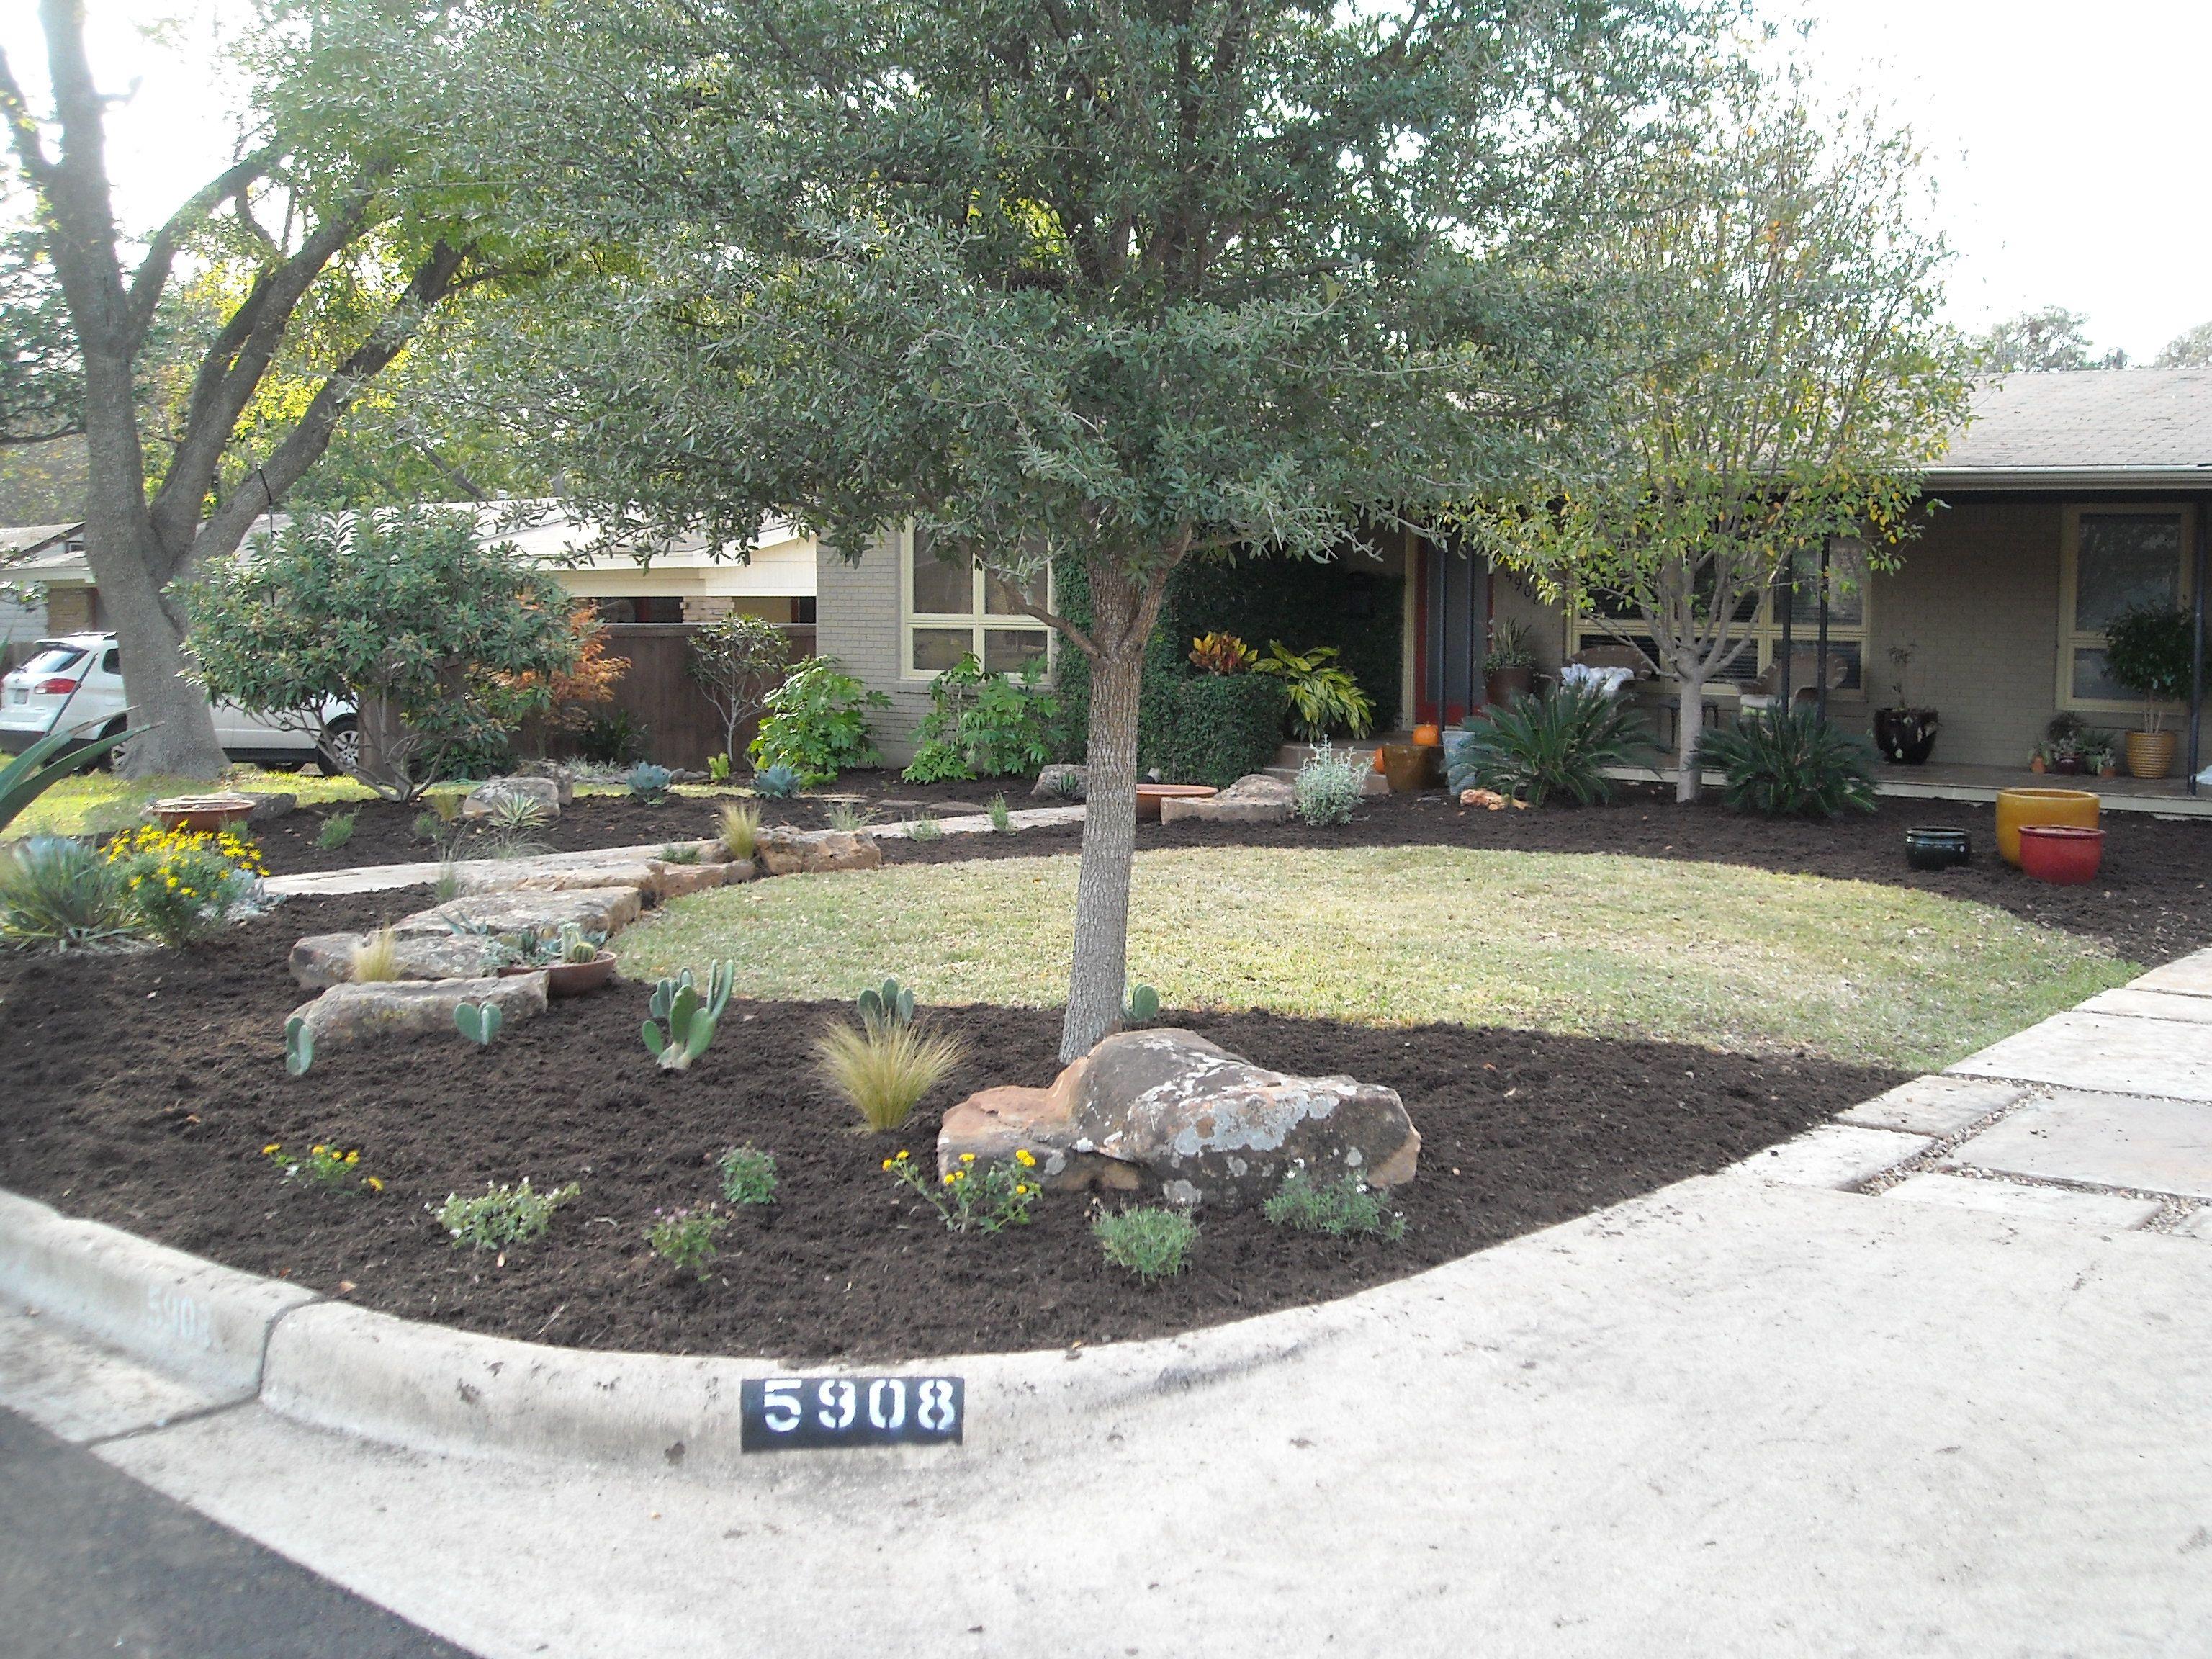 front yard landscape - large boulders